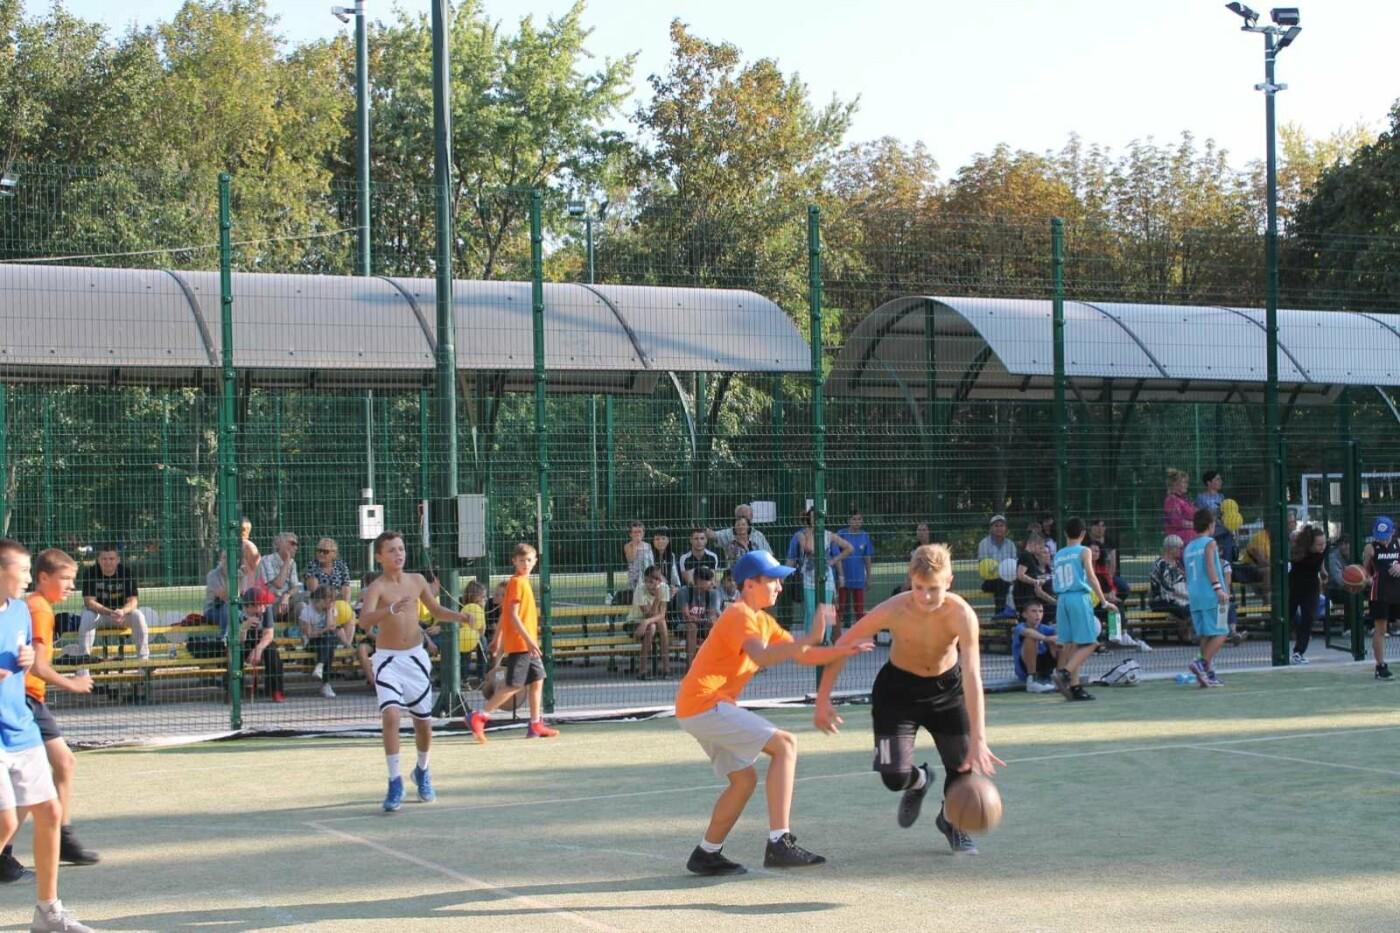 Турнир в День города: в Лозовой больше ста баскетболистов сыграли в стритбол, фото-7